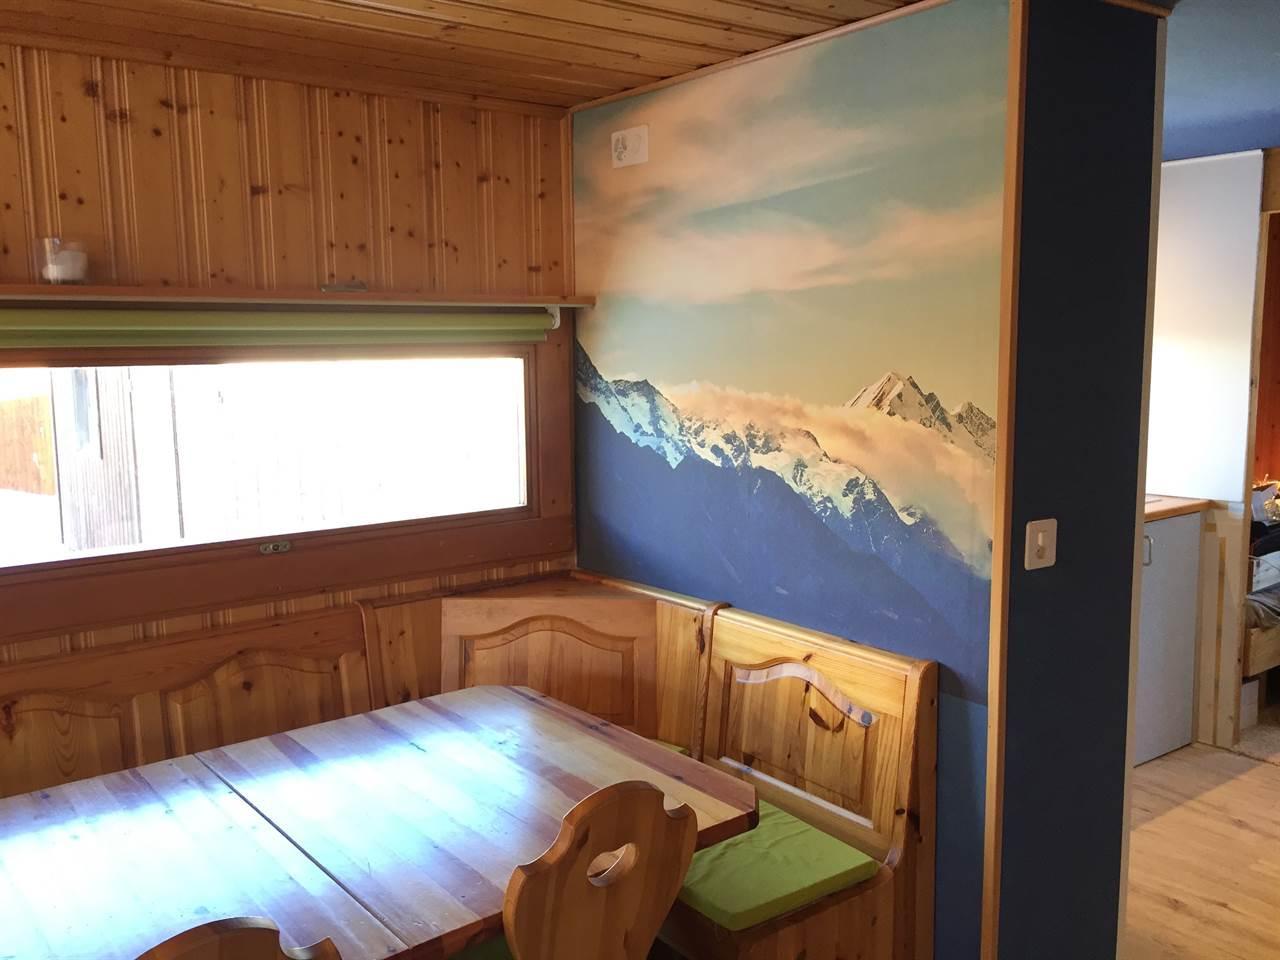 Appartement de vacances Jaunpasscabin Mobilheim (2012154), Boltigen, Vallée de la Simme, Oberland bernois, Suisse, image 29